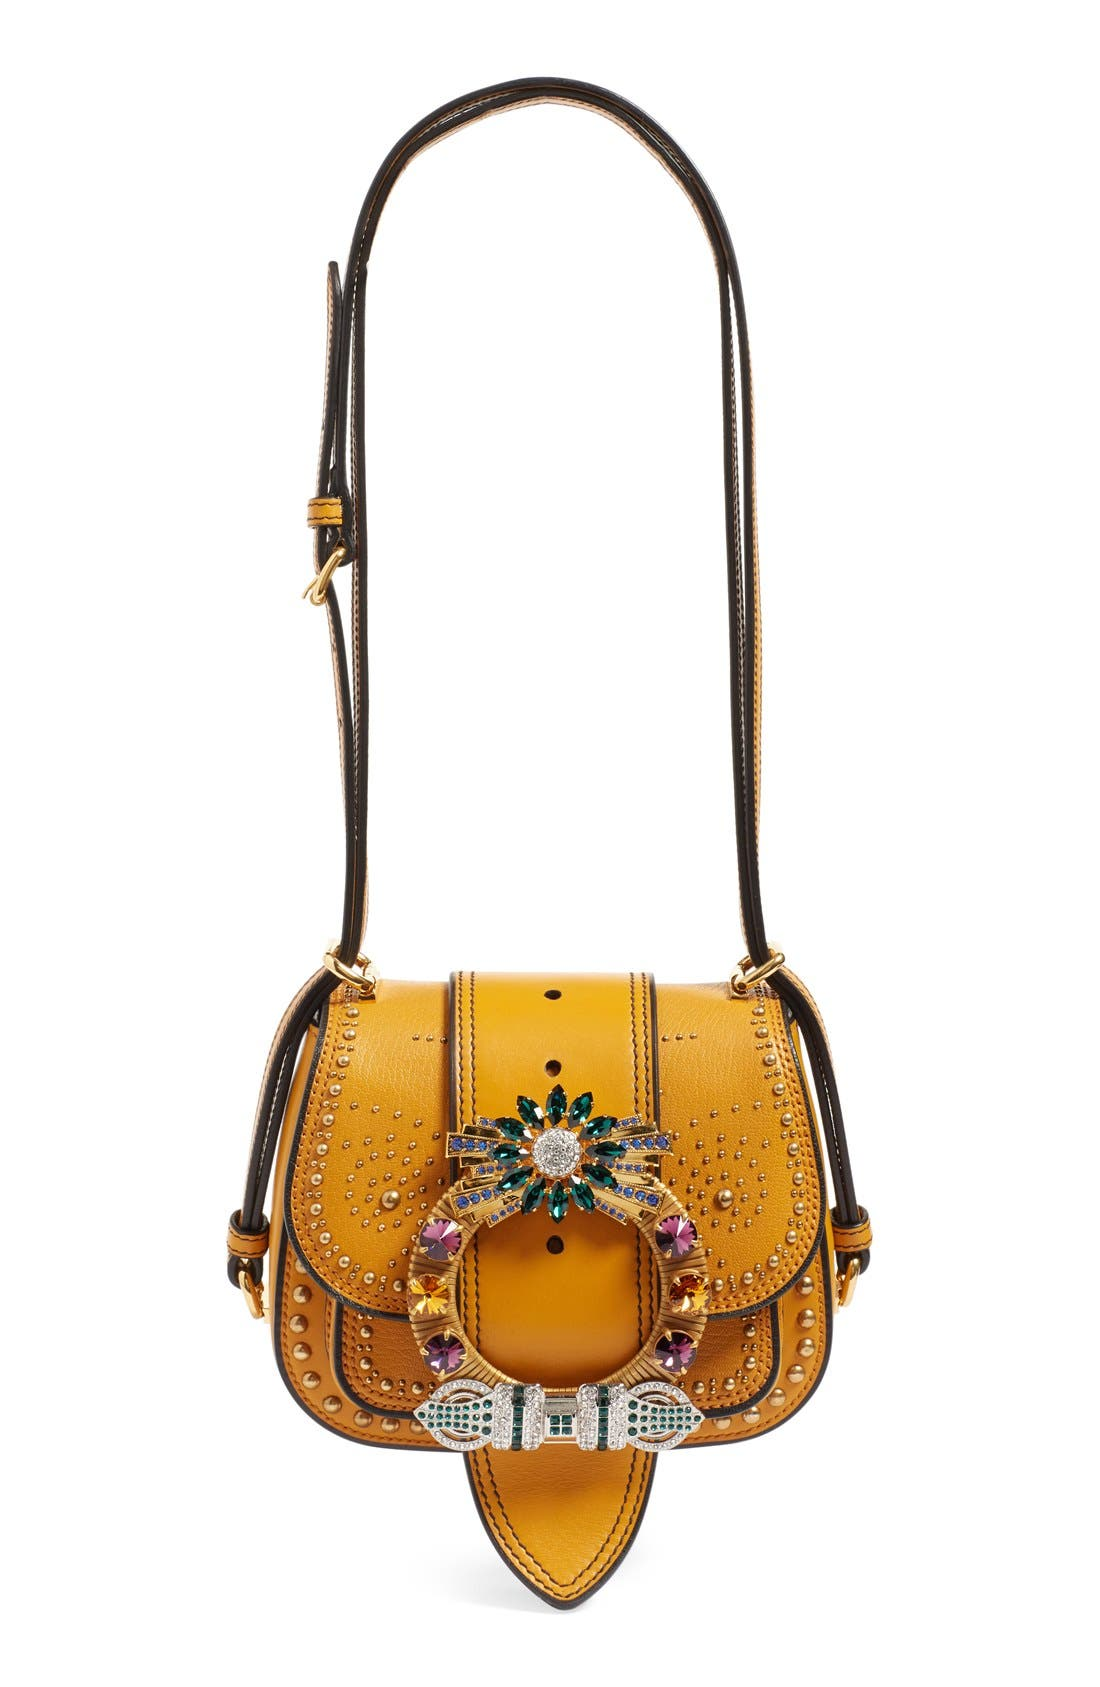 MIU MIU 'Dahlia' Goatskin Leather Saddle Bag, Main, color, 814